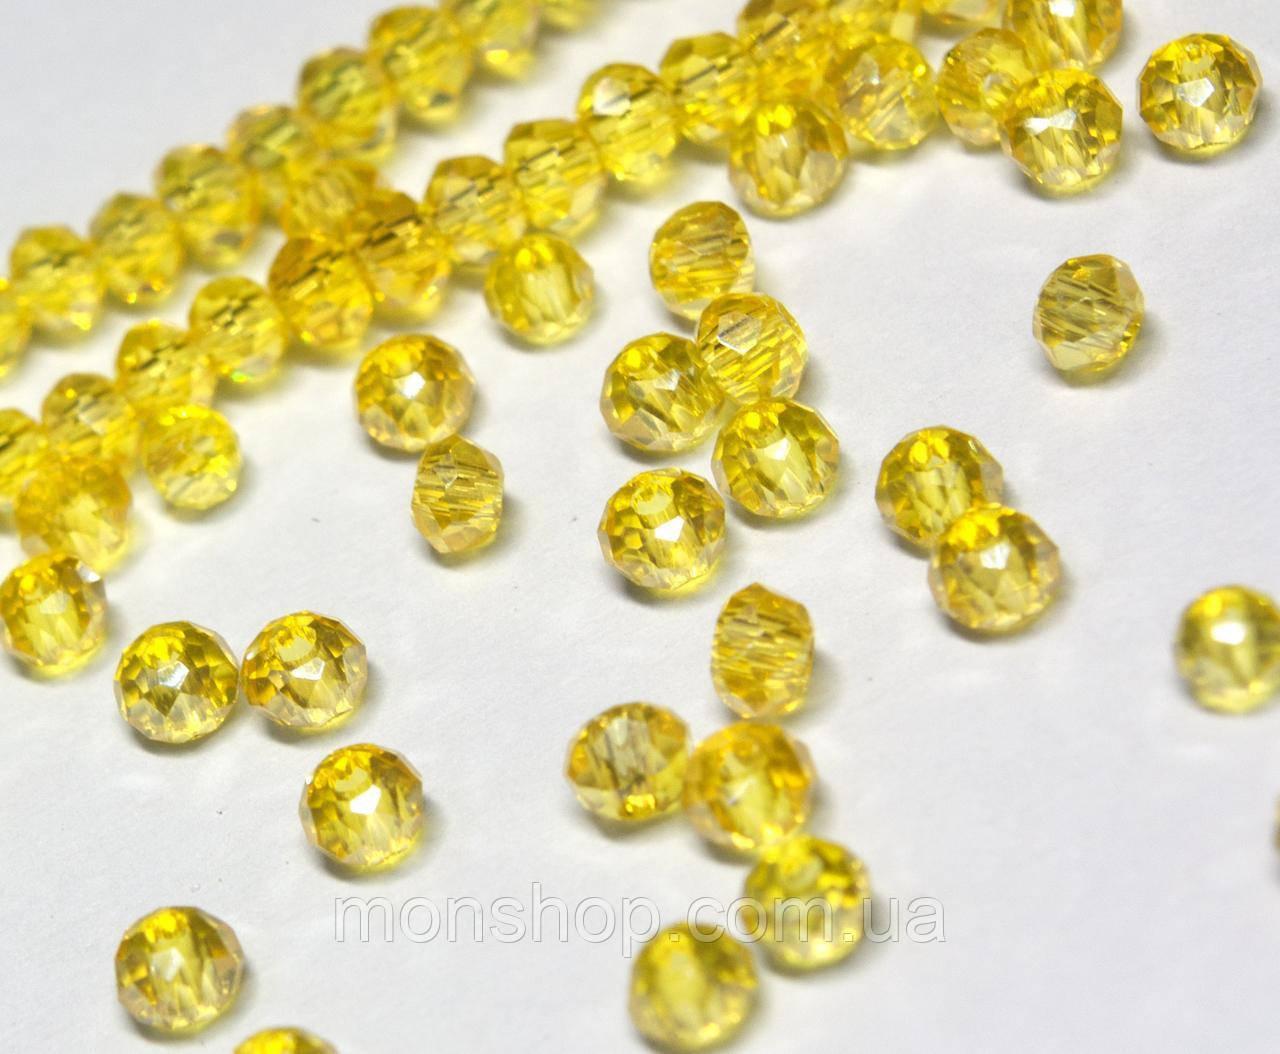 Бусины хрустальные (Рондель) 2х2мм, цвет - желтый прозрачный